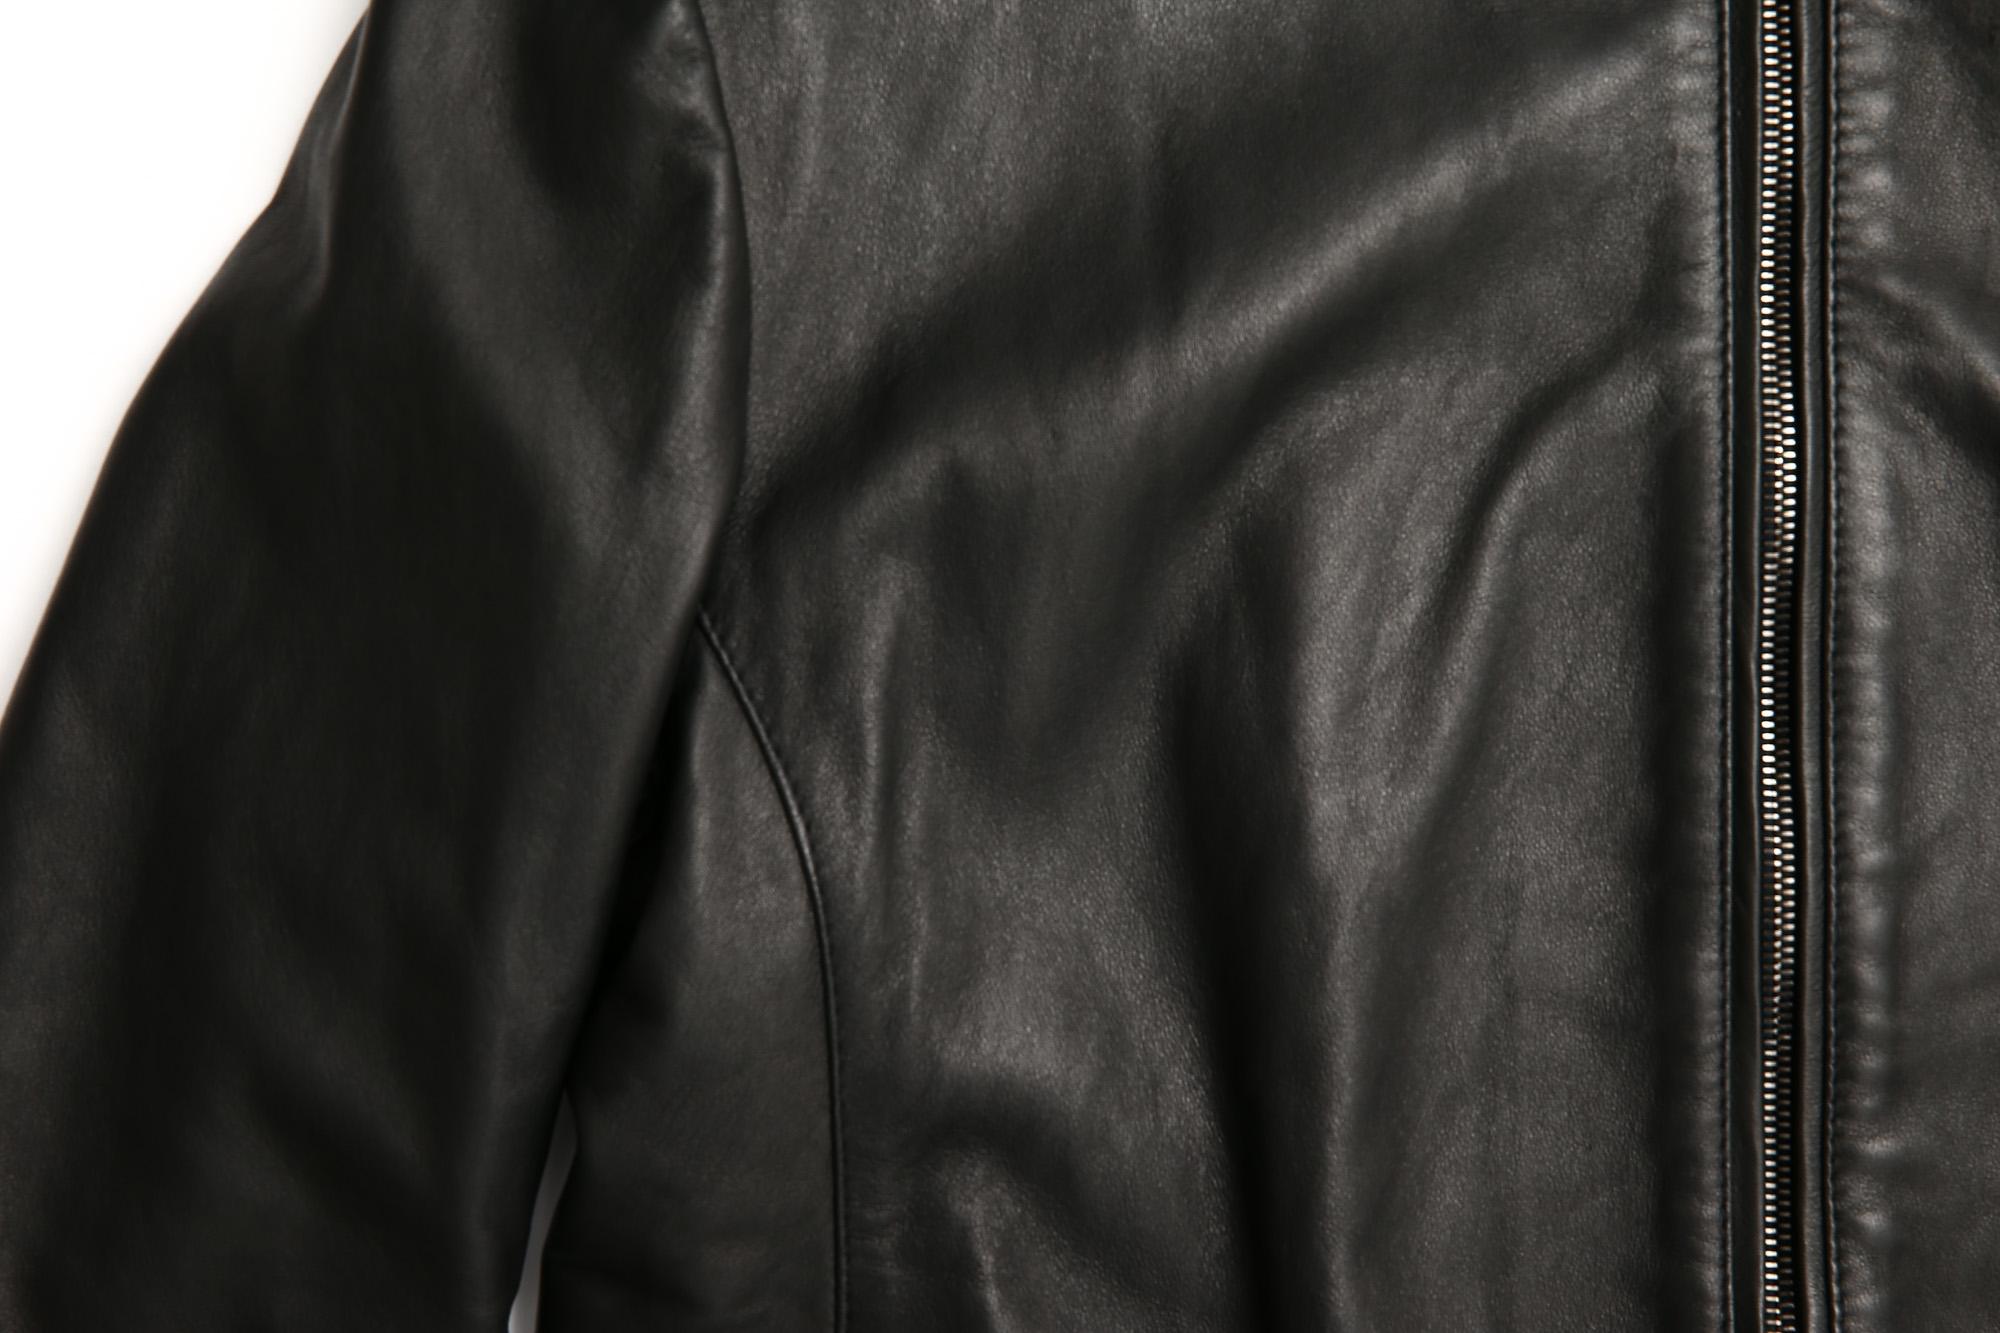 EMMETI (エンメティ) JURI (ユリ) Lambskin nappa シングルライダース レザージャケット NERO (ブラック) made in italy (イタリア製) 2018 春夏 emmeti 愛知 名古屋 ZODIAC ゾディアック emmeti andrea スタンドカラーブルゾン